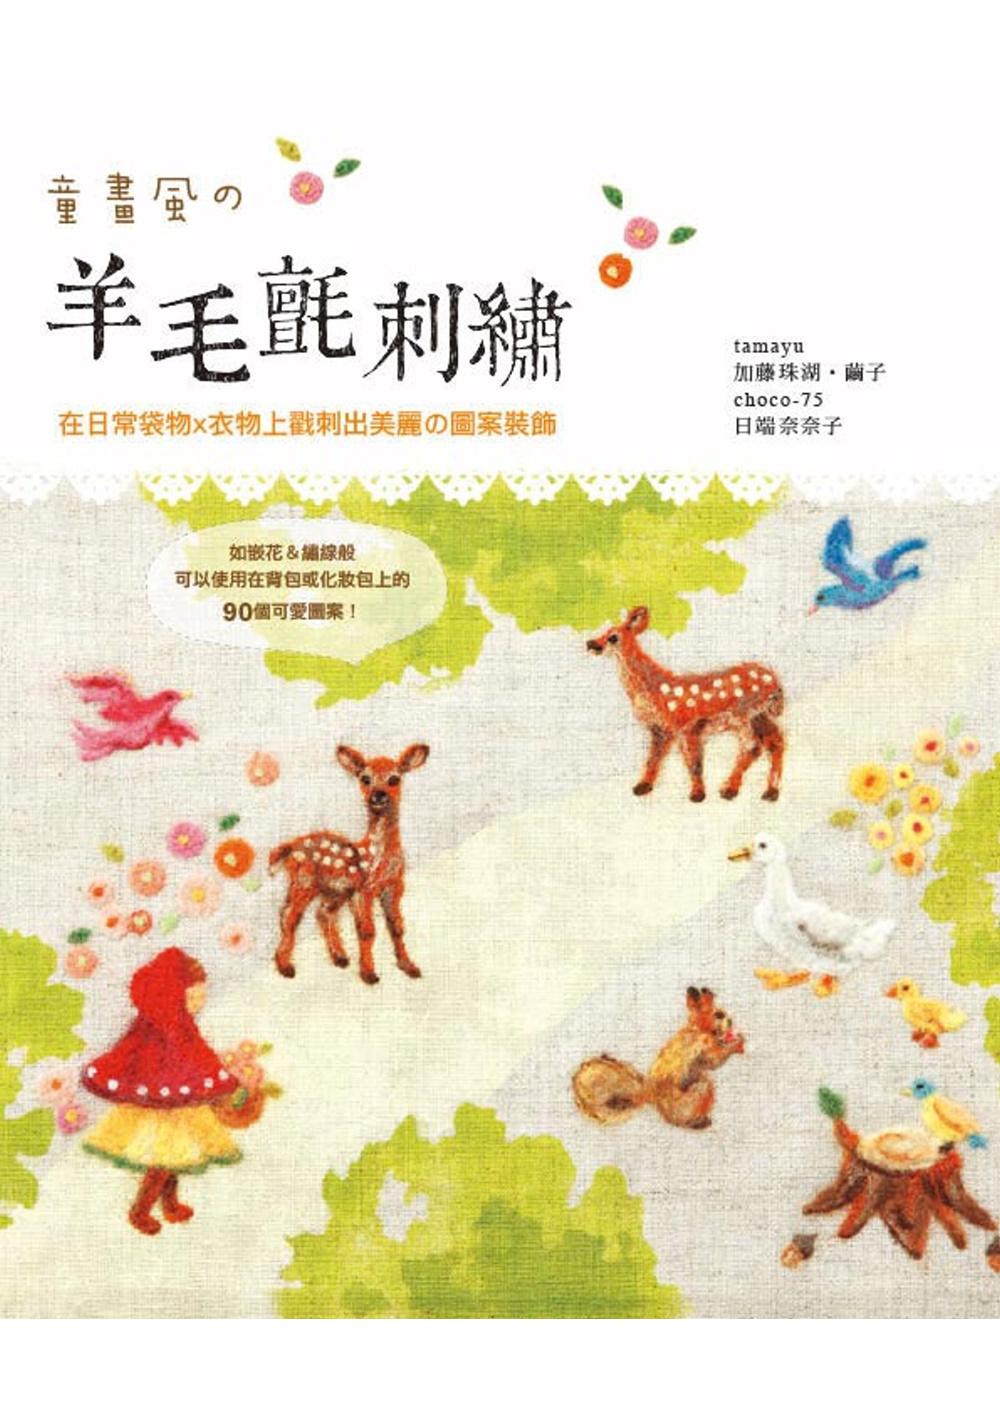 童畫風の羊毛氈刺繡:在日常袋物x衣物上戳刺出美麗の圖案裝飾